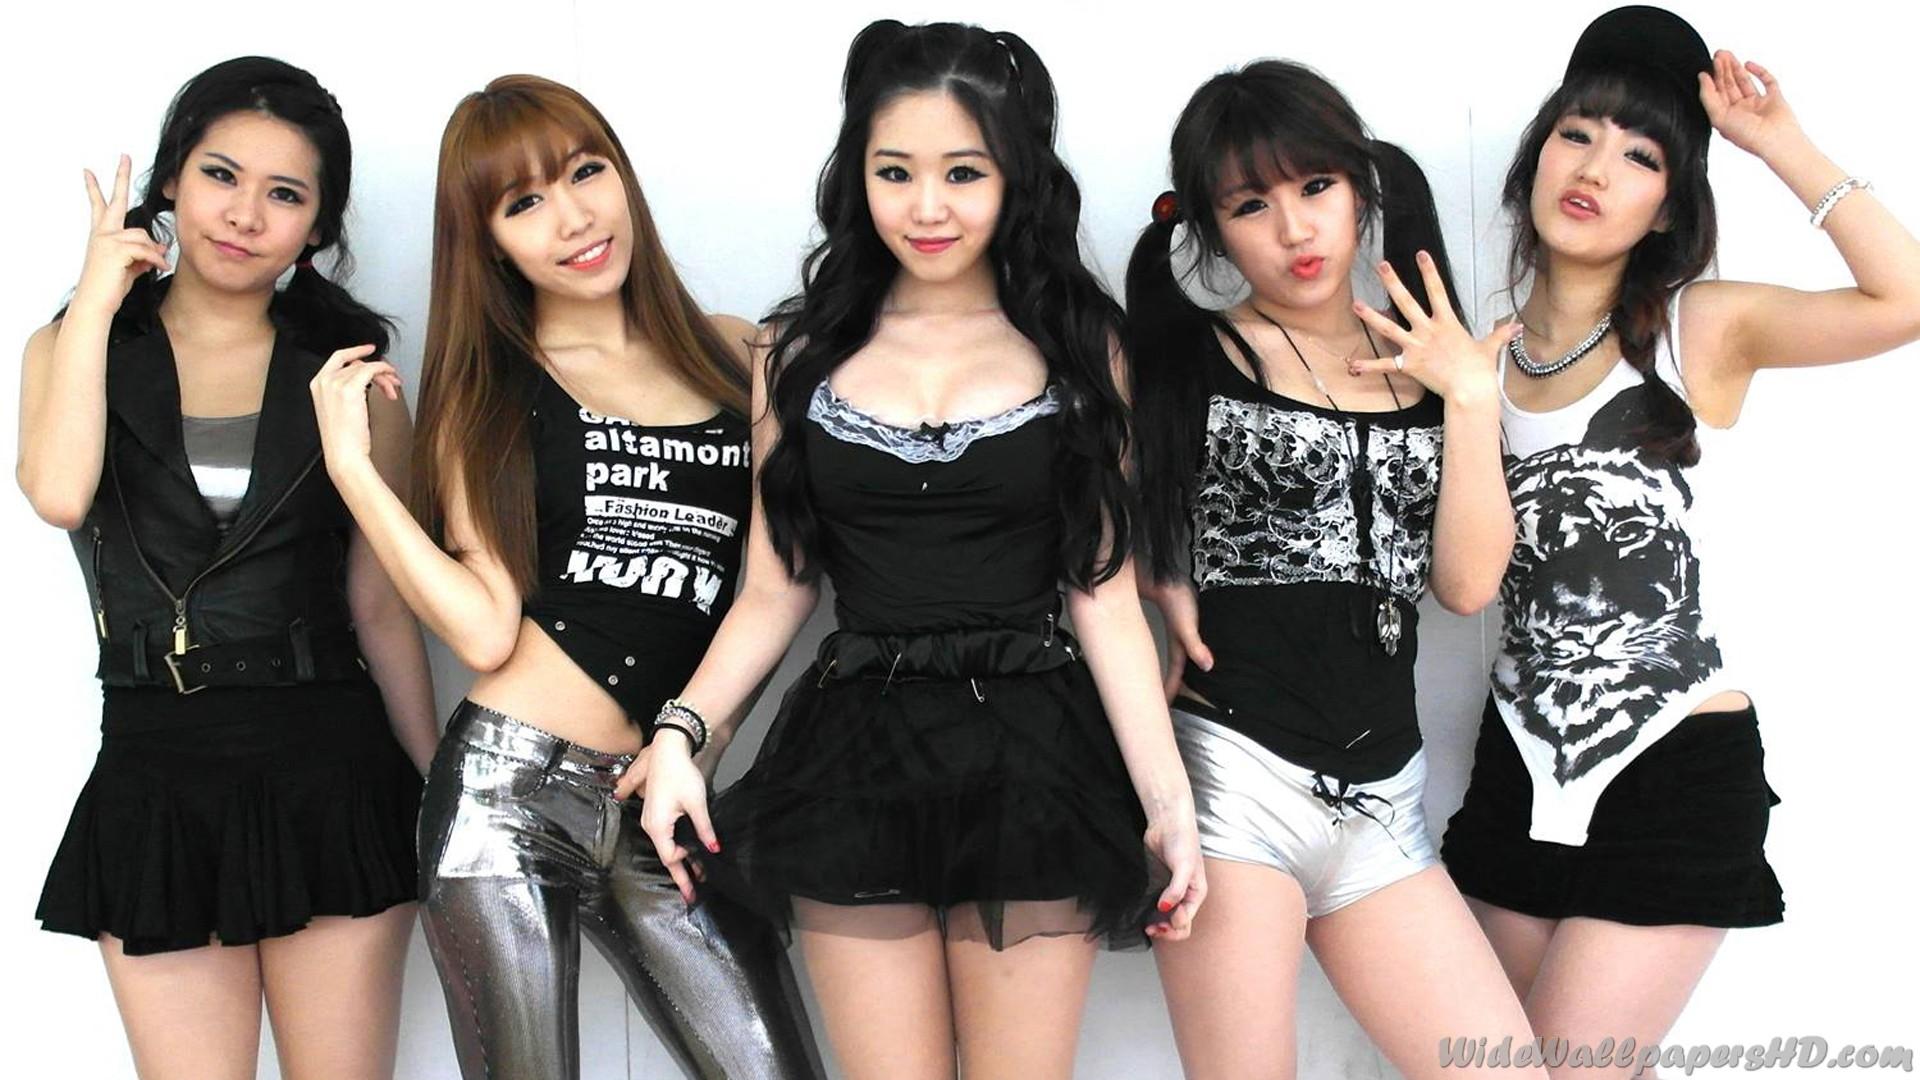 И всё-таки, кто из них — самая красивая? =)